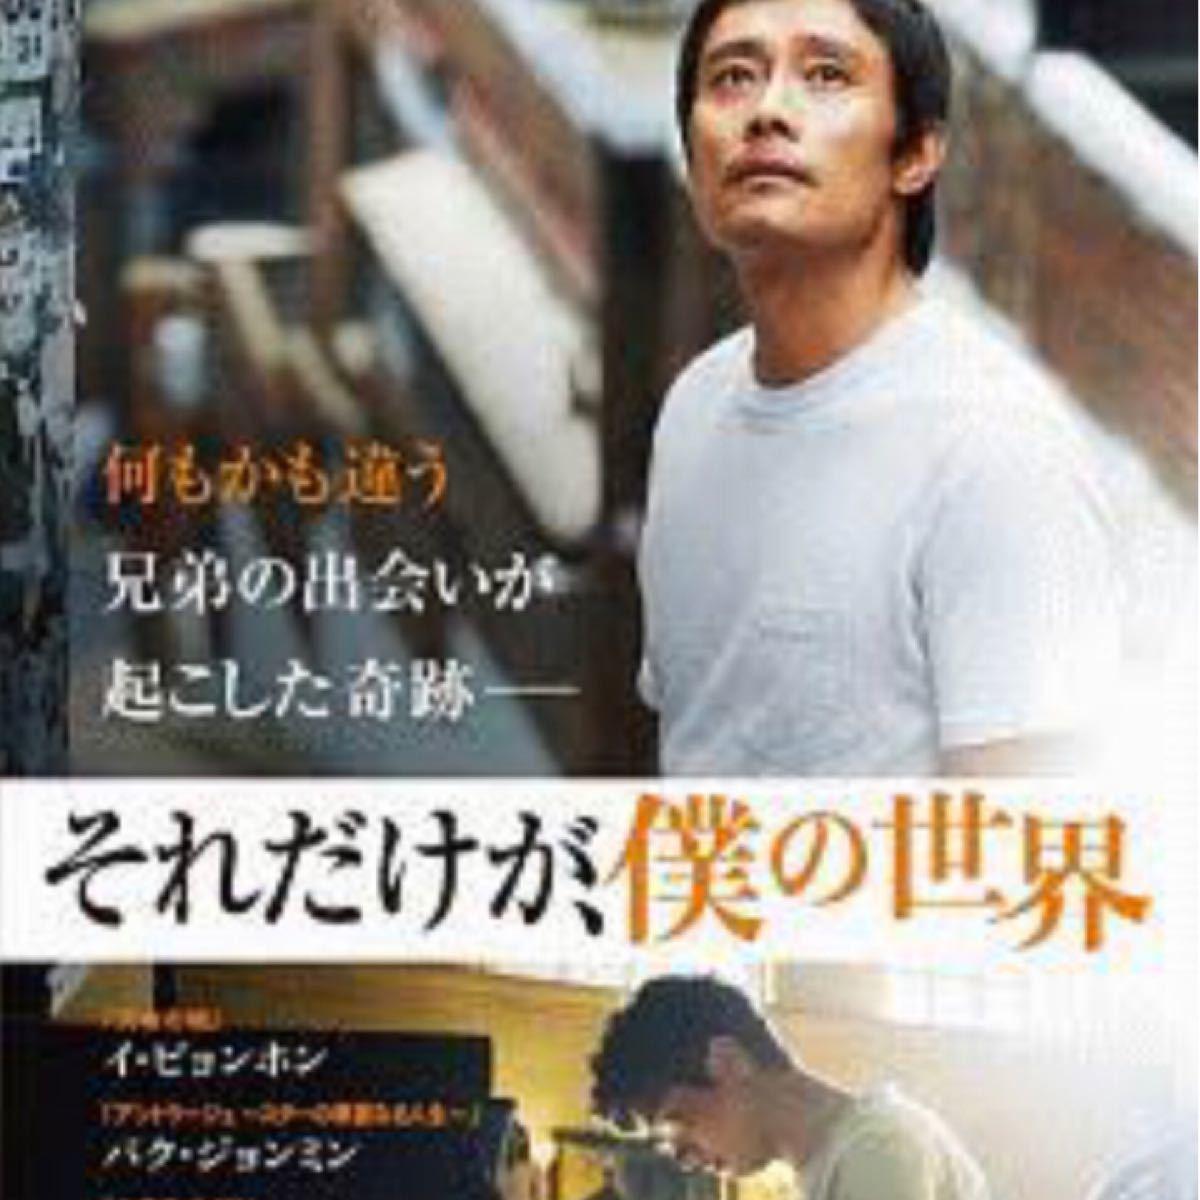 韓国映画  それだけが僕の世界  イ・ビョンホン  パク・ジョンミン  DVD  日本語吹替有り  レーベル有り